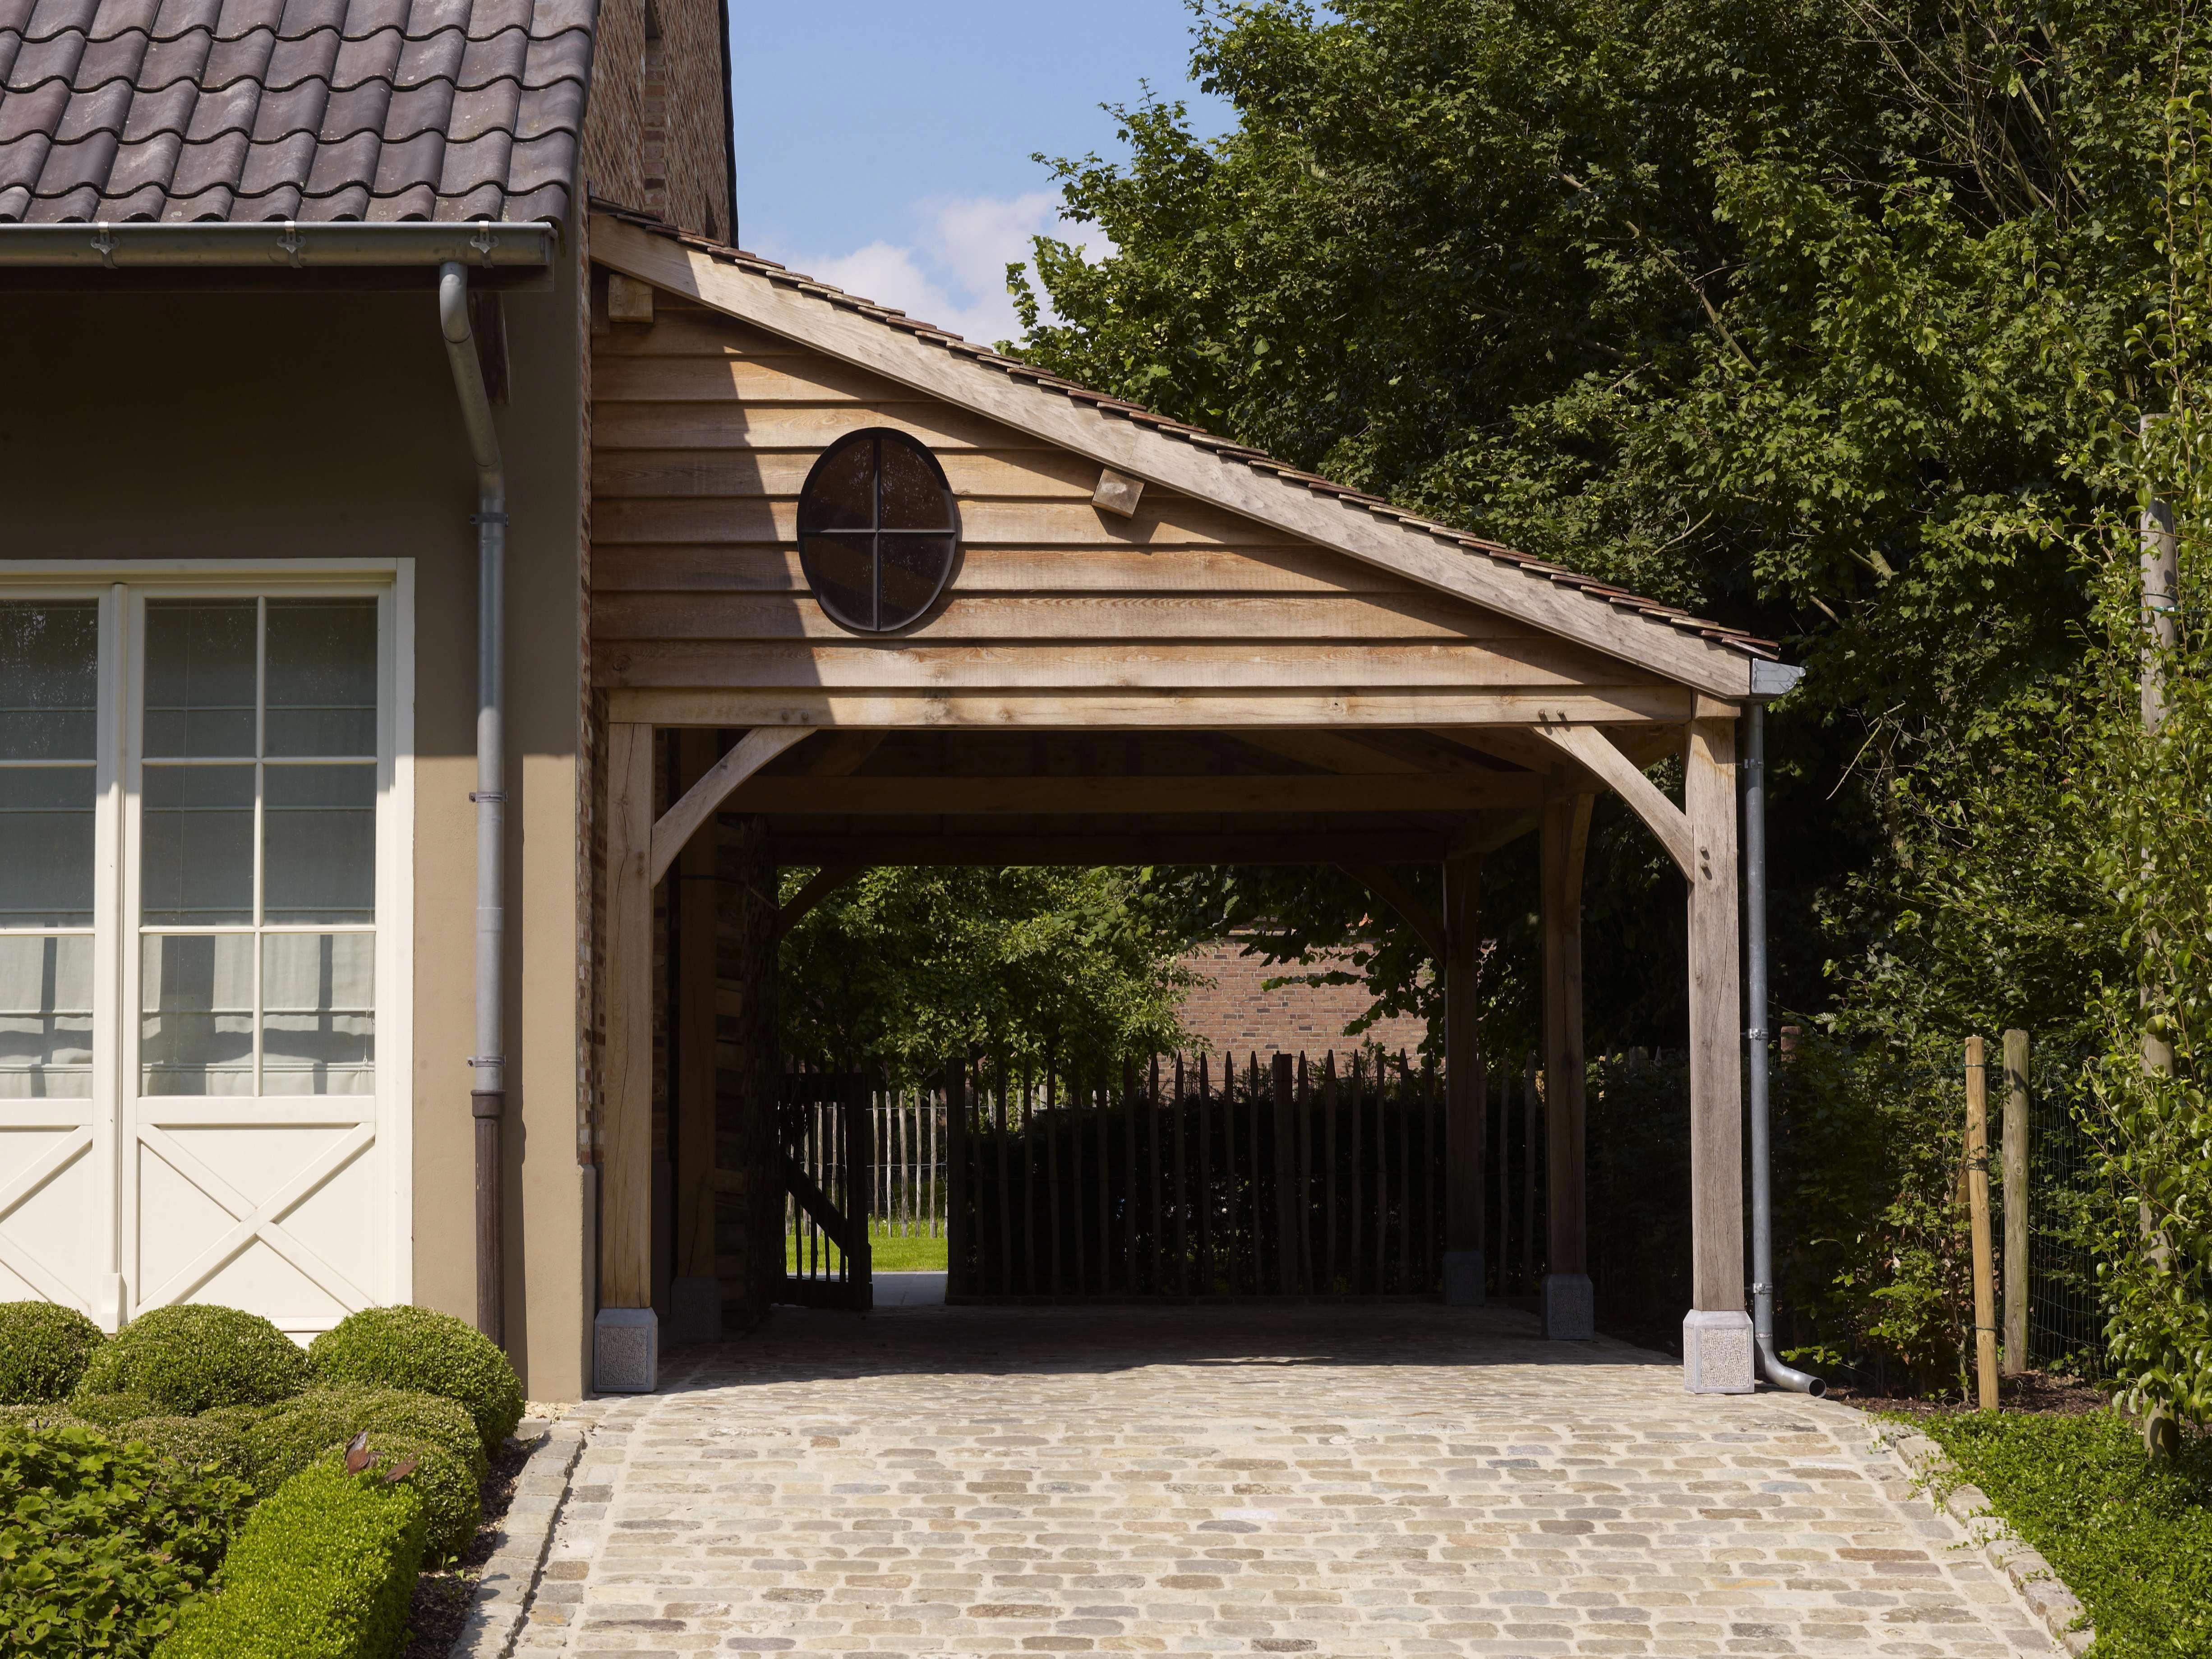 Porch Ideas for Houses Carport designs, Carport sheds